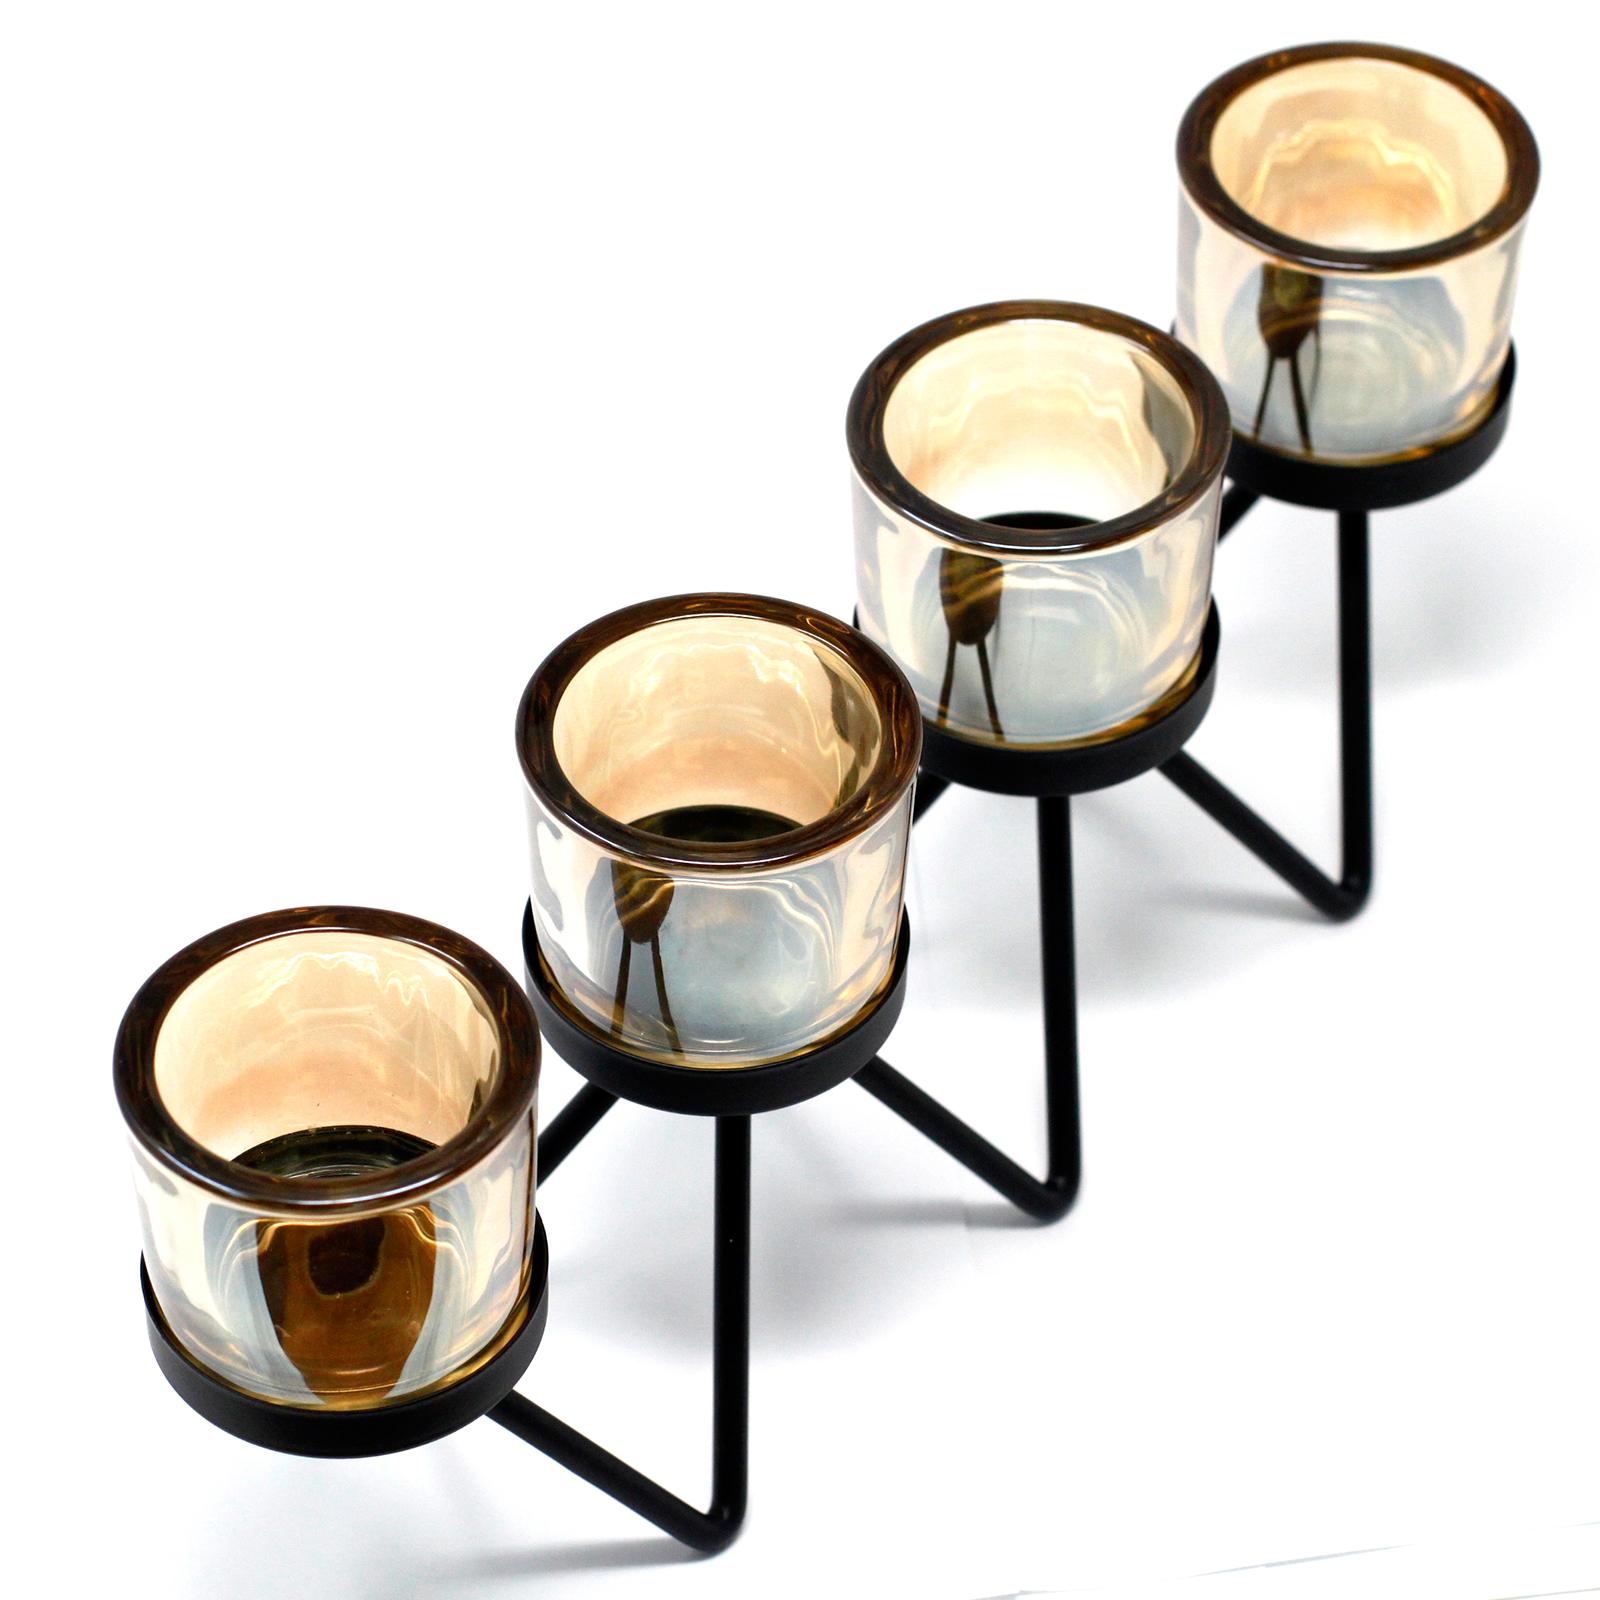 Kovový Votivní Svícen - na 4 Svíčky - Zig Zag